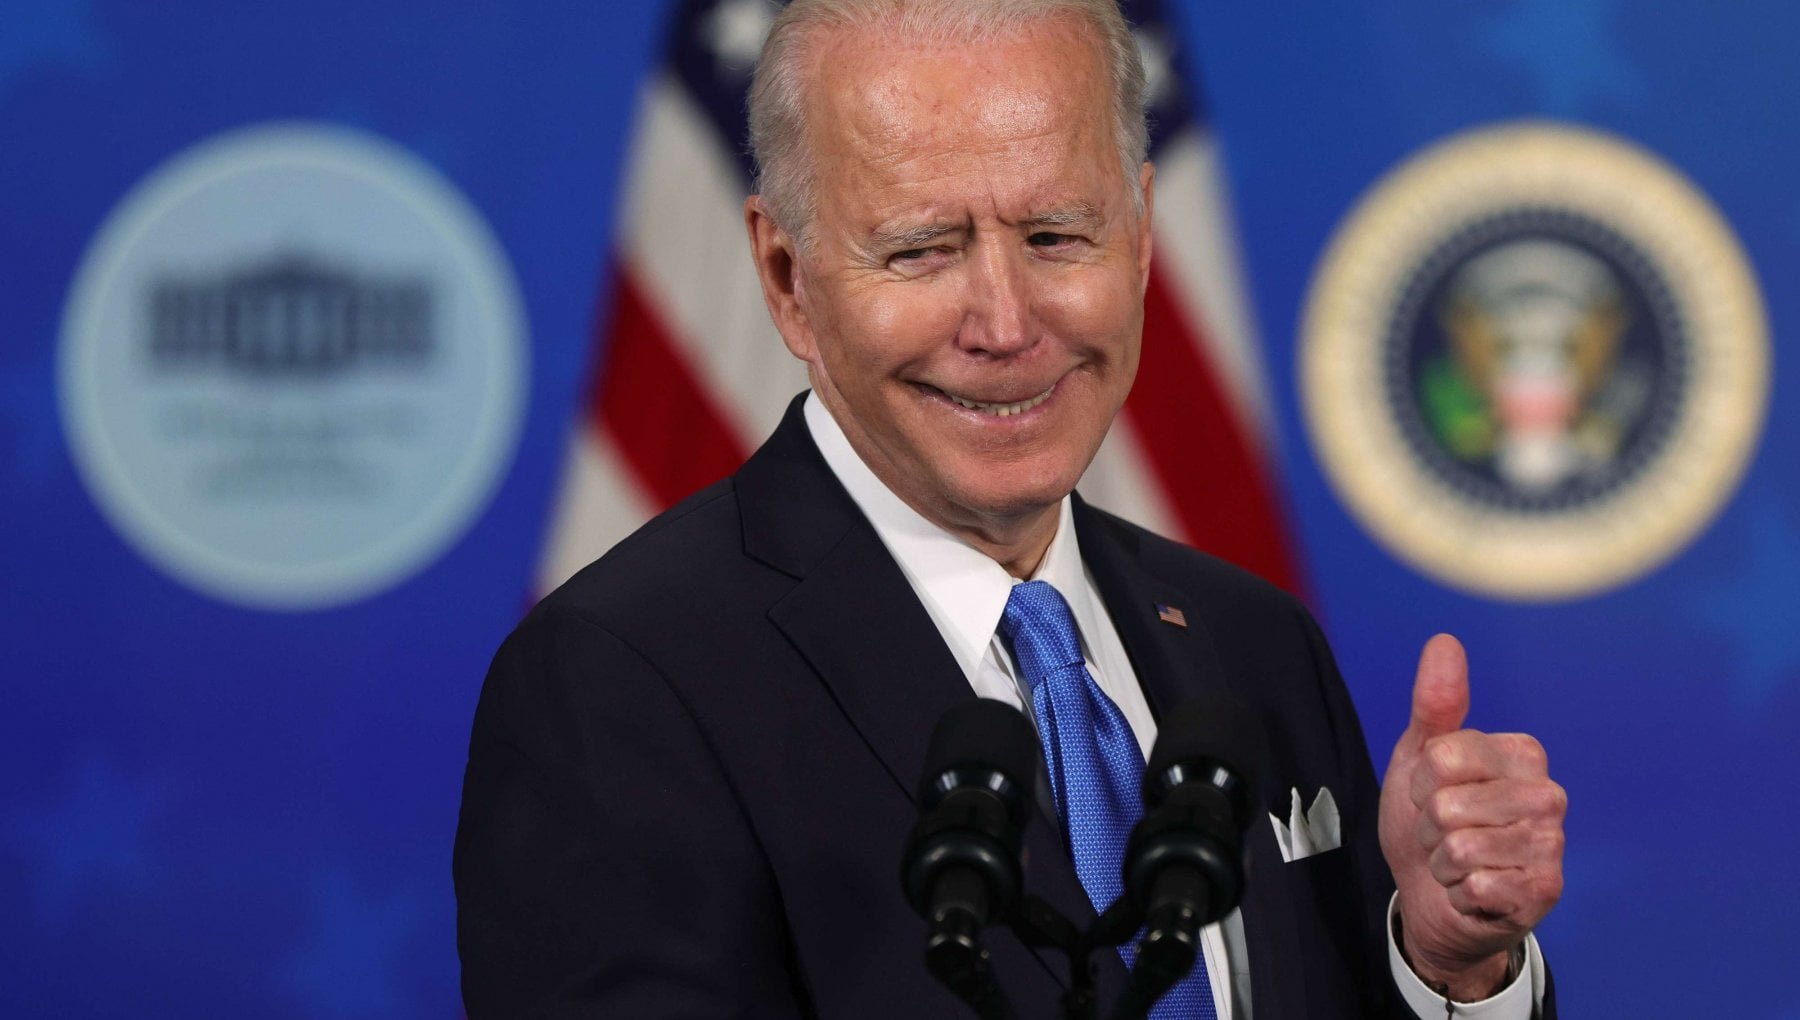 123605291 ee583a92 8103 45ca 8029 ce5da1df6c2f - Che cosa cambia con il mega pacchetto di aiuti di Biden: 1900 miliardi per far ripartire l'economia (non solo Usa)